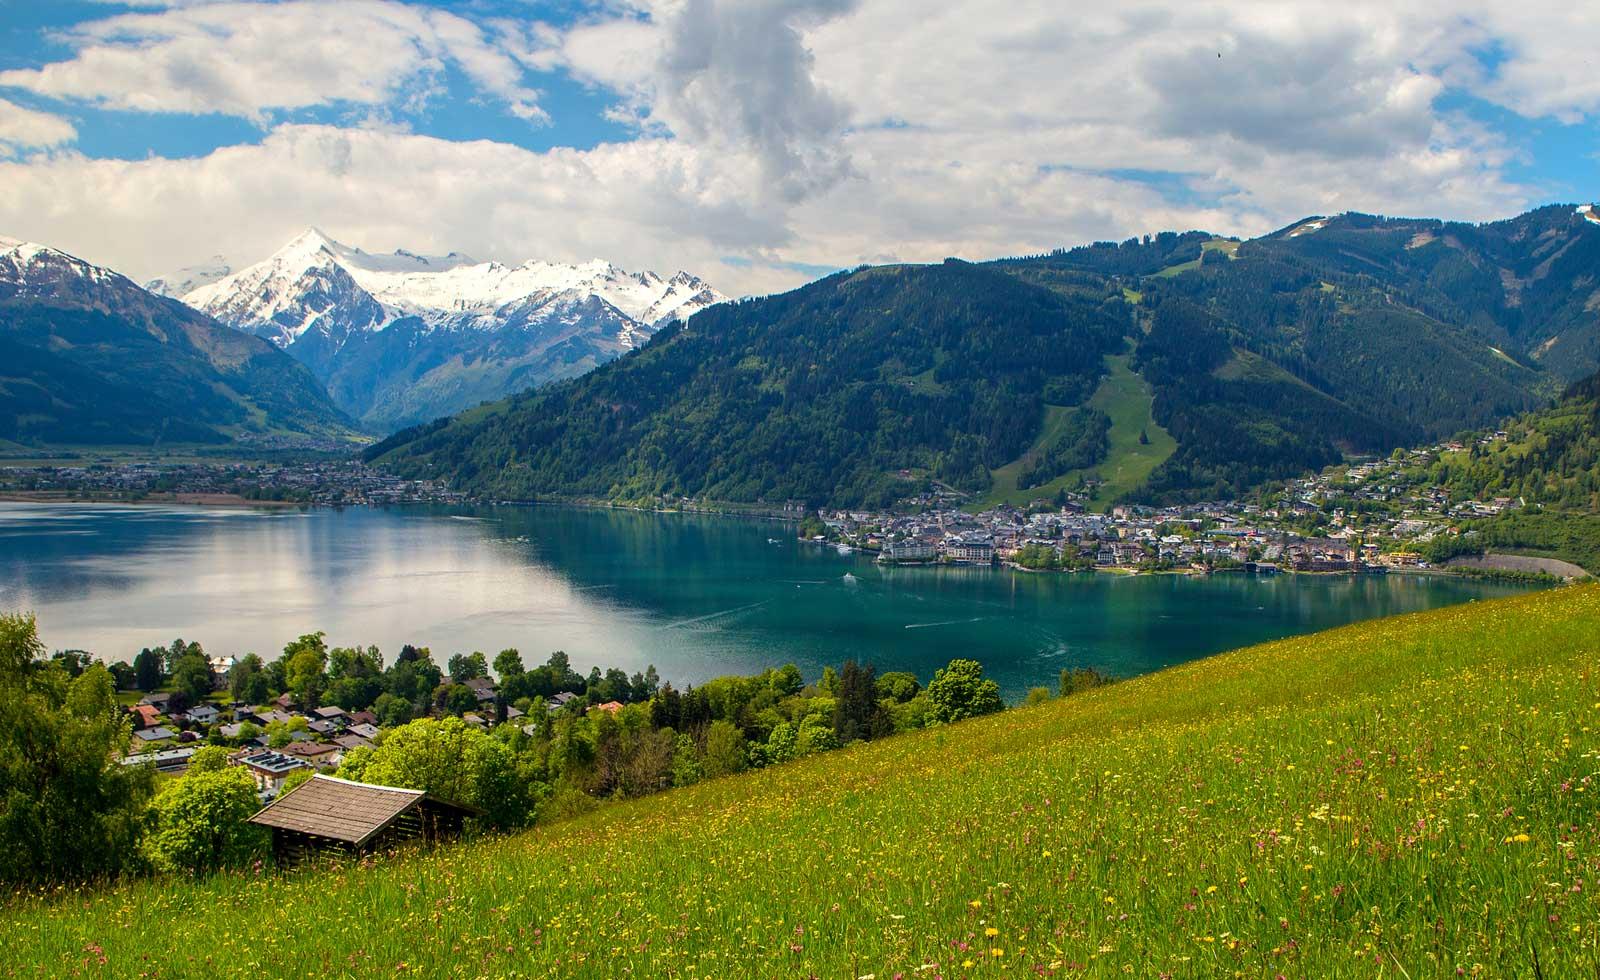 بالصور صور من النمسا , اجمل و احلى صور من النمسا 11748 7